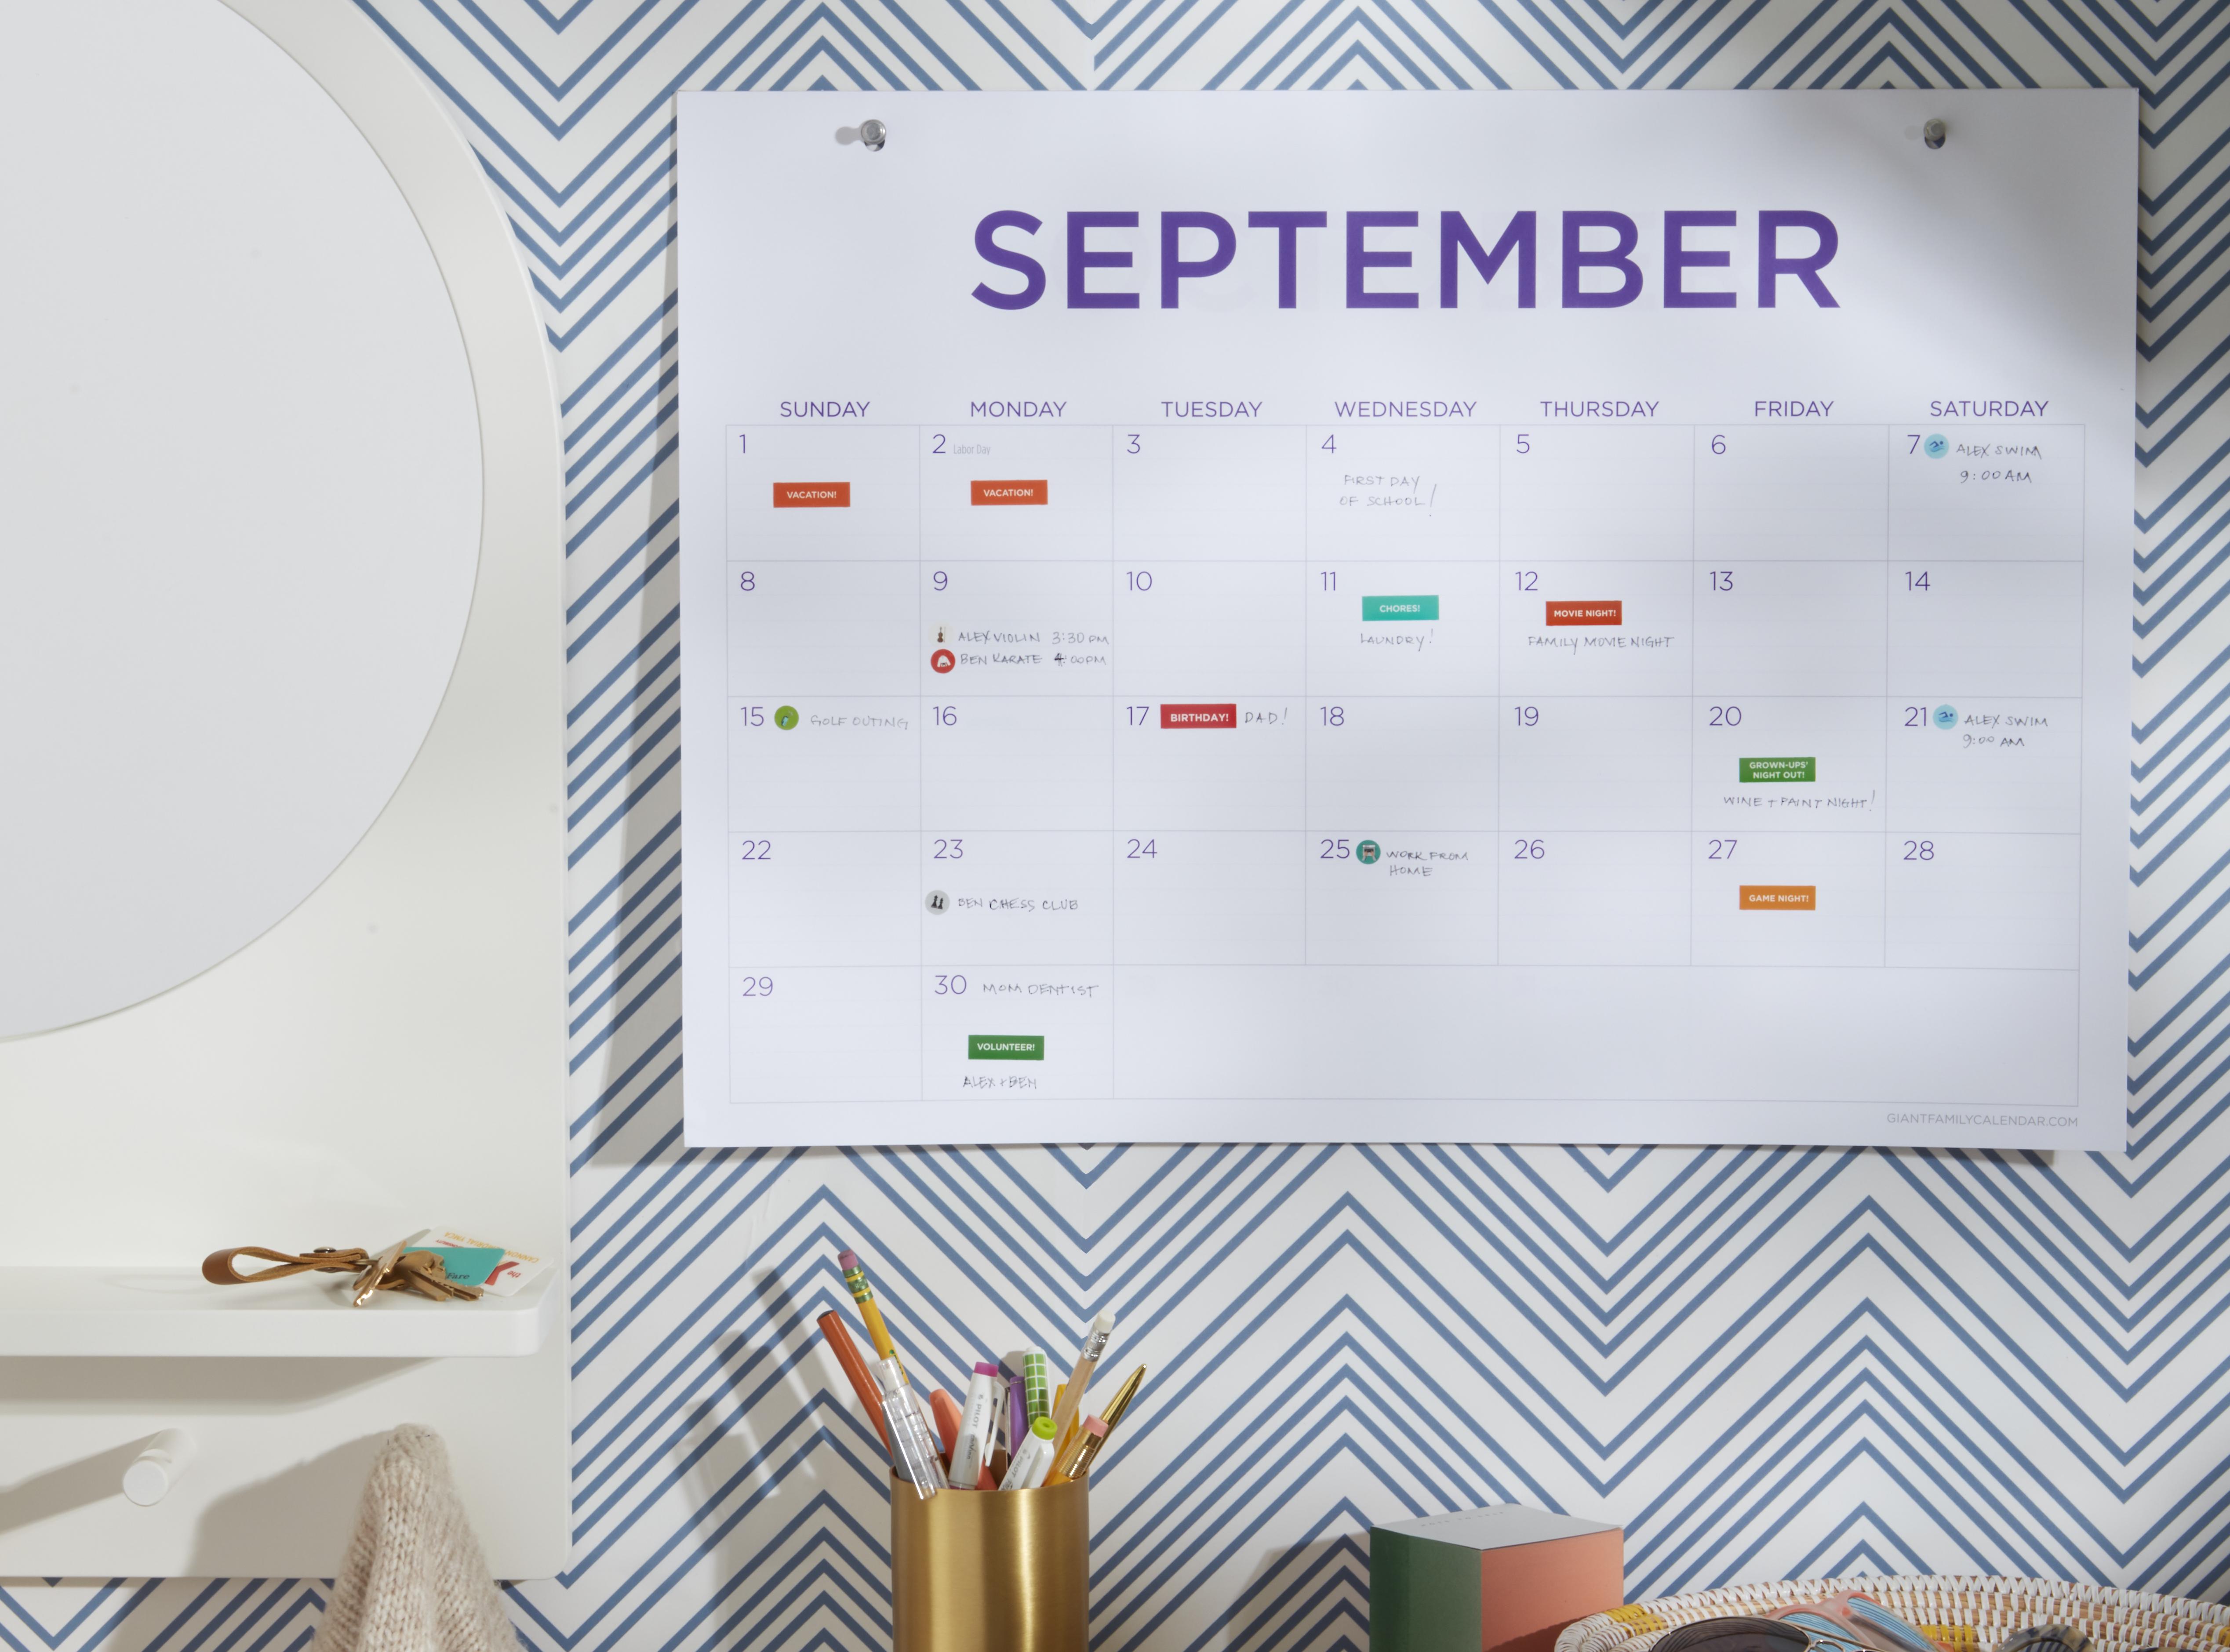 September 2019 calendar giveaway